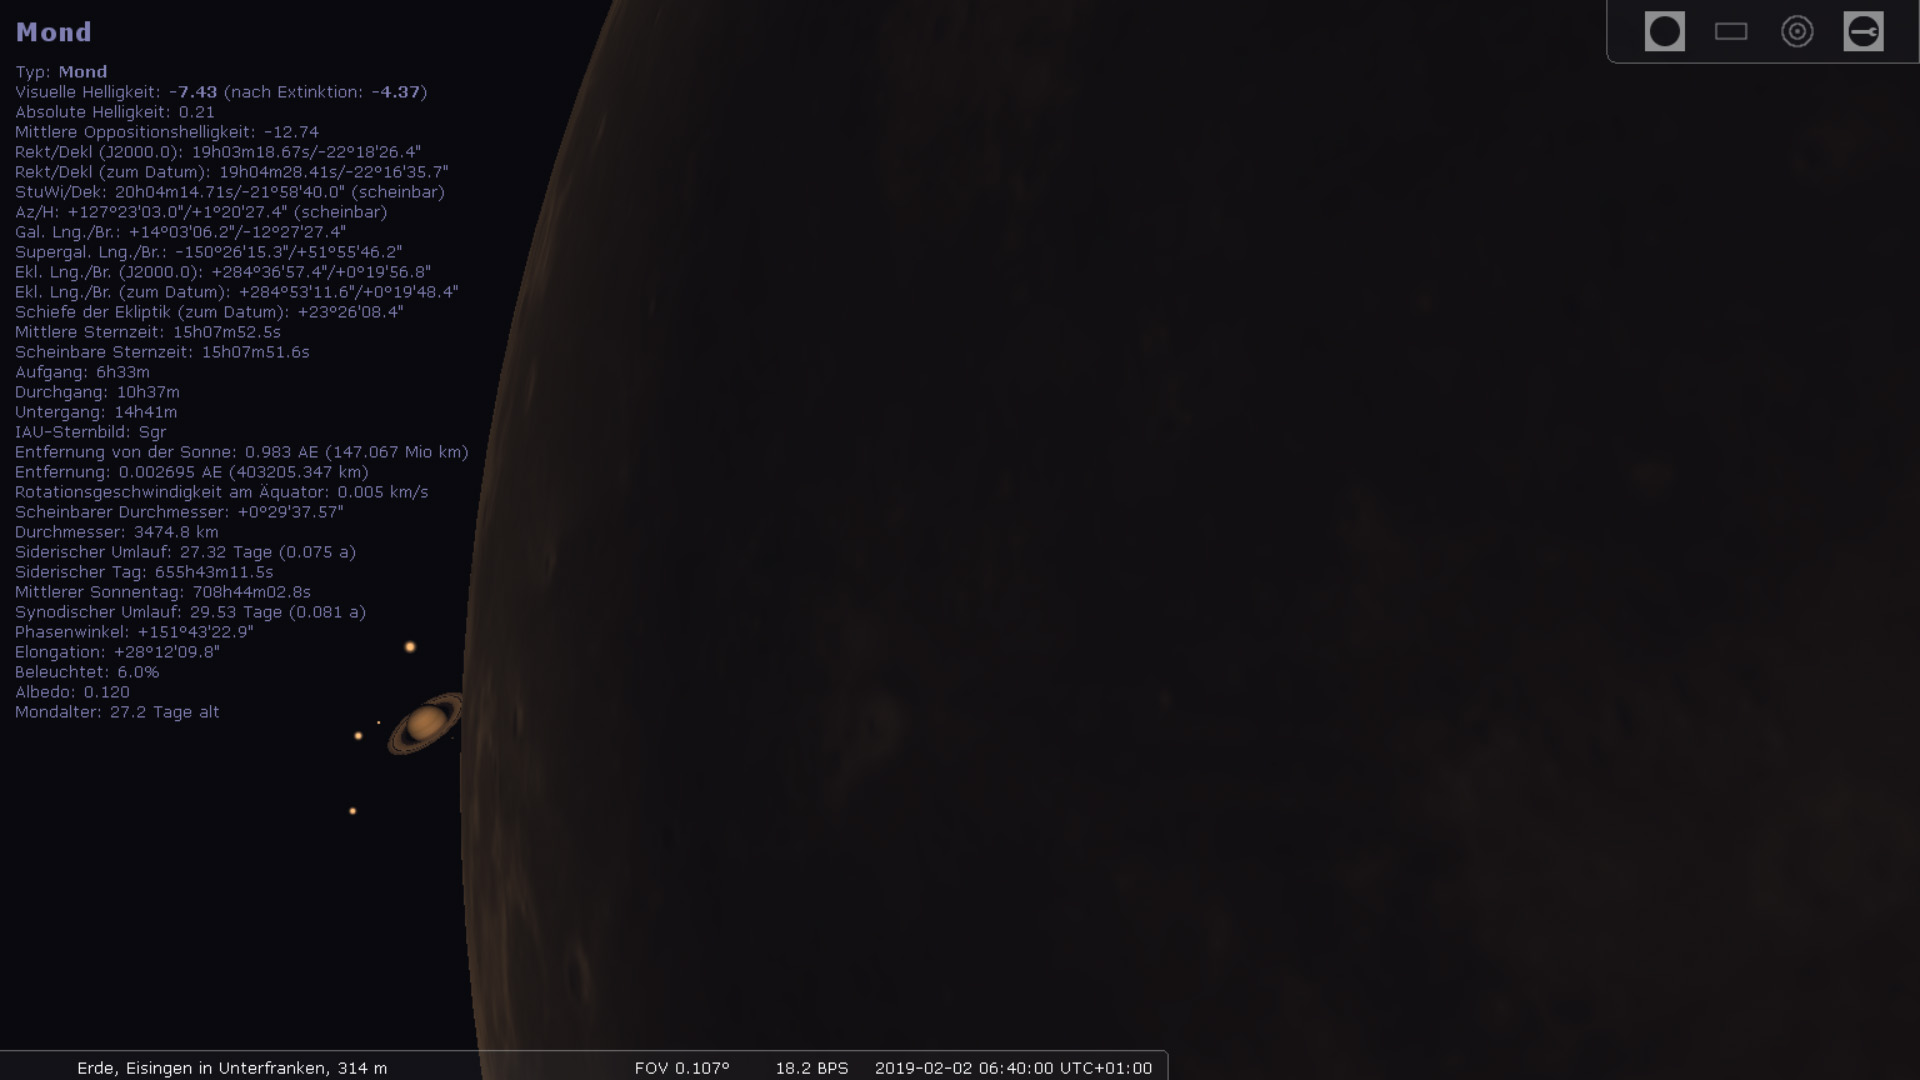 Mond bedeckt Saturn am 2. Februar 2019